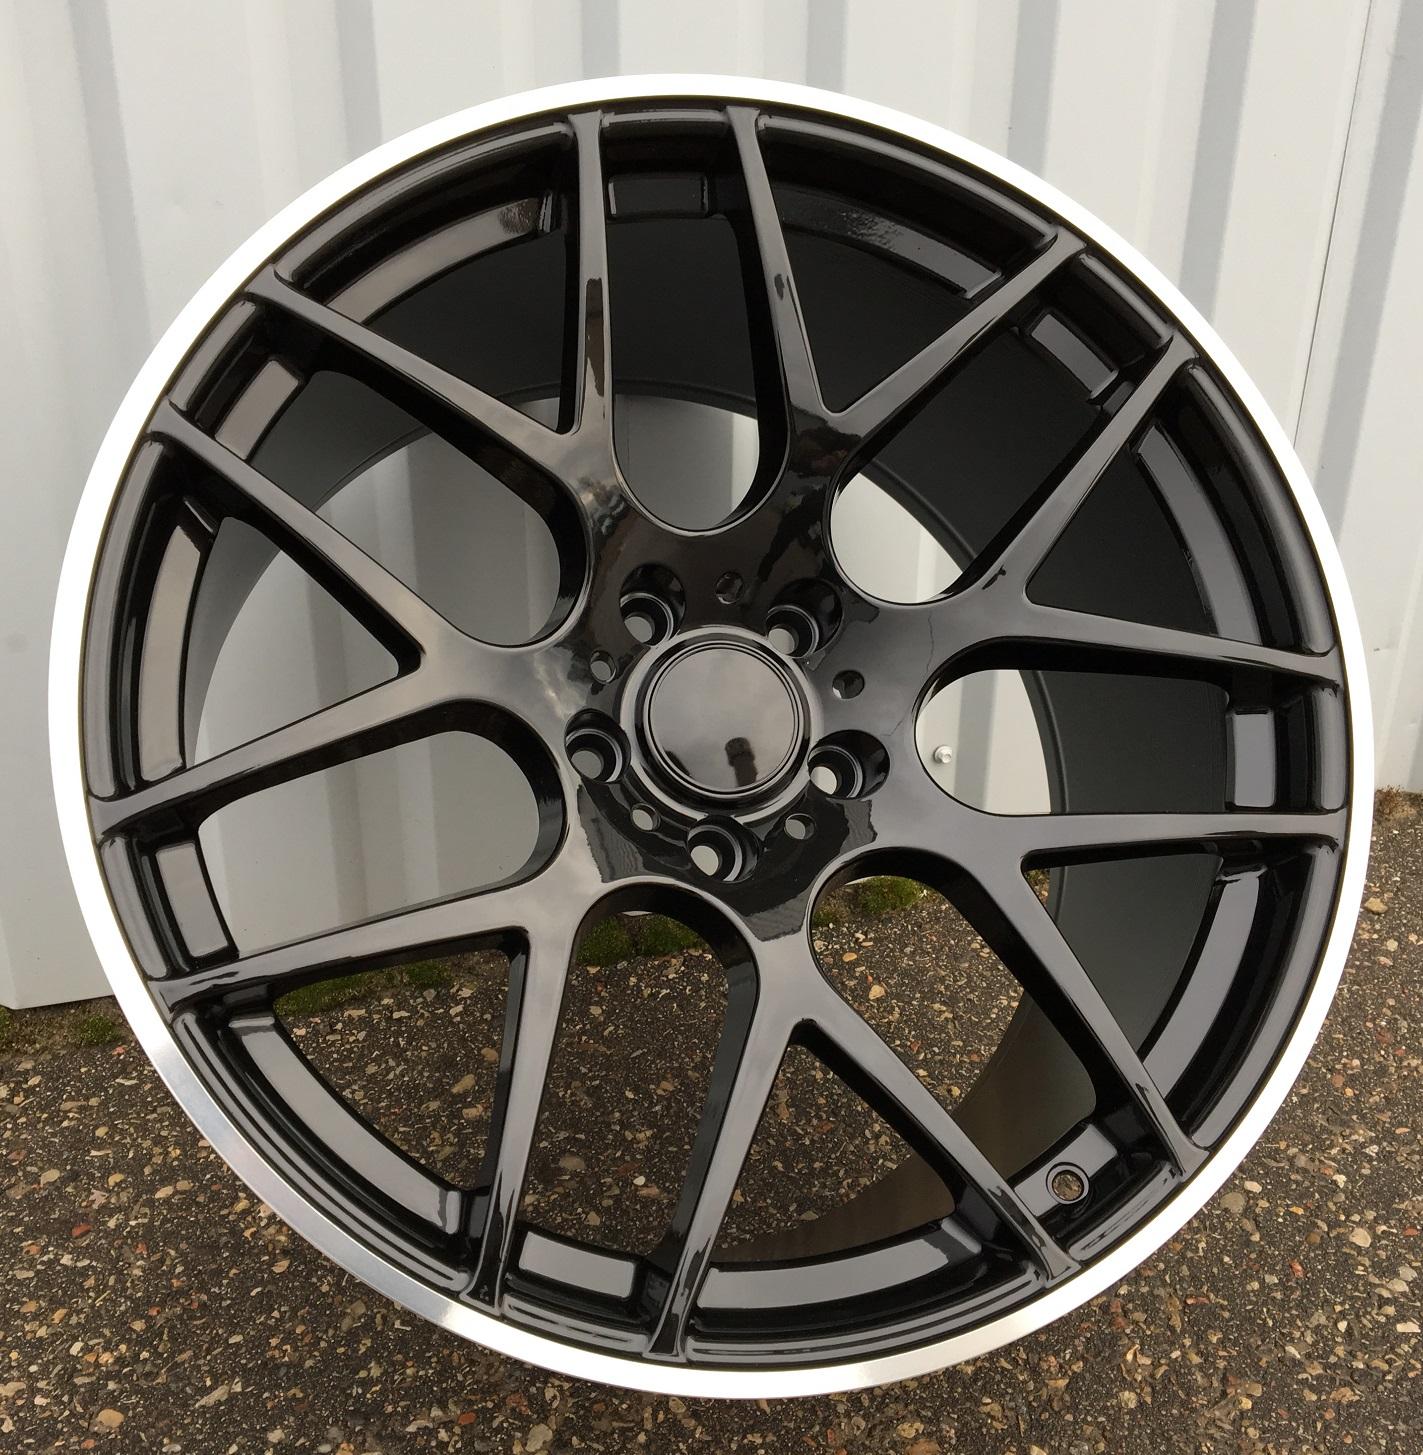 B20X10 5X120 ET40 74.1 FR850 BLACK+polished lip (Rear+Front) RWR BM(950kg) (P) 10x20 ET40 5x120